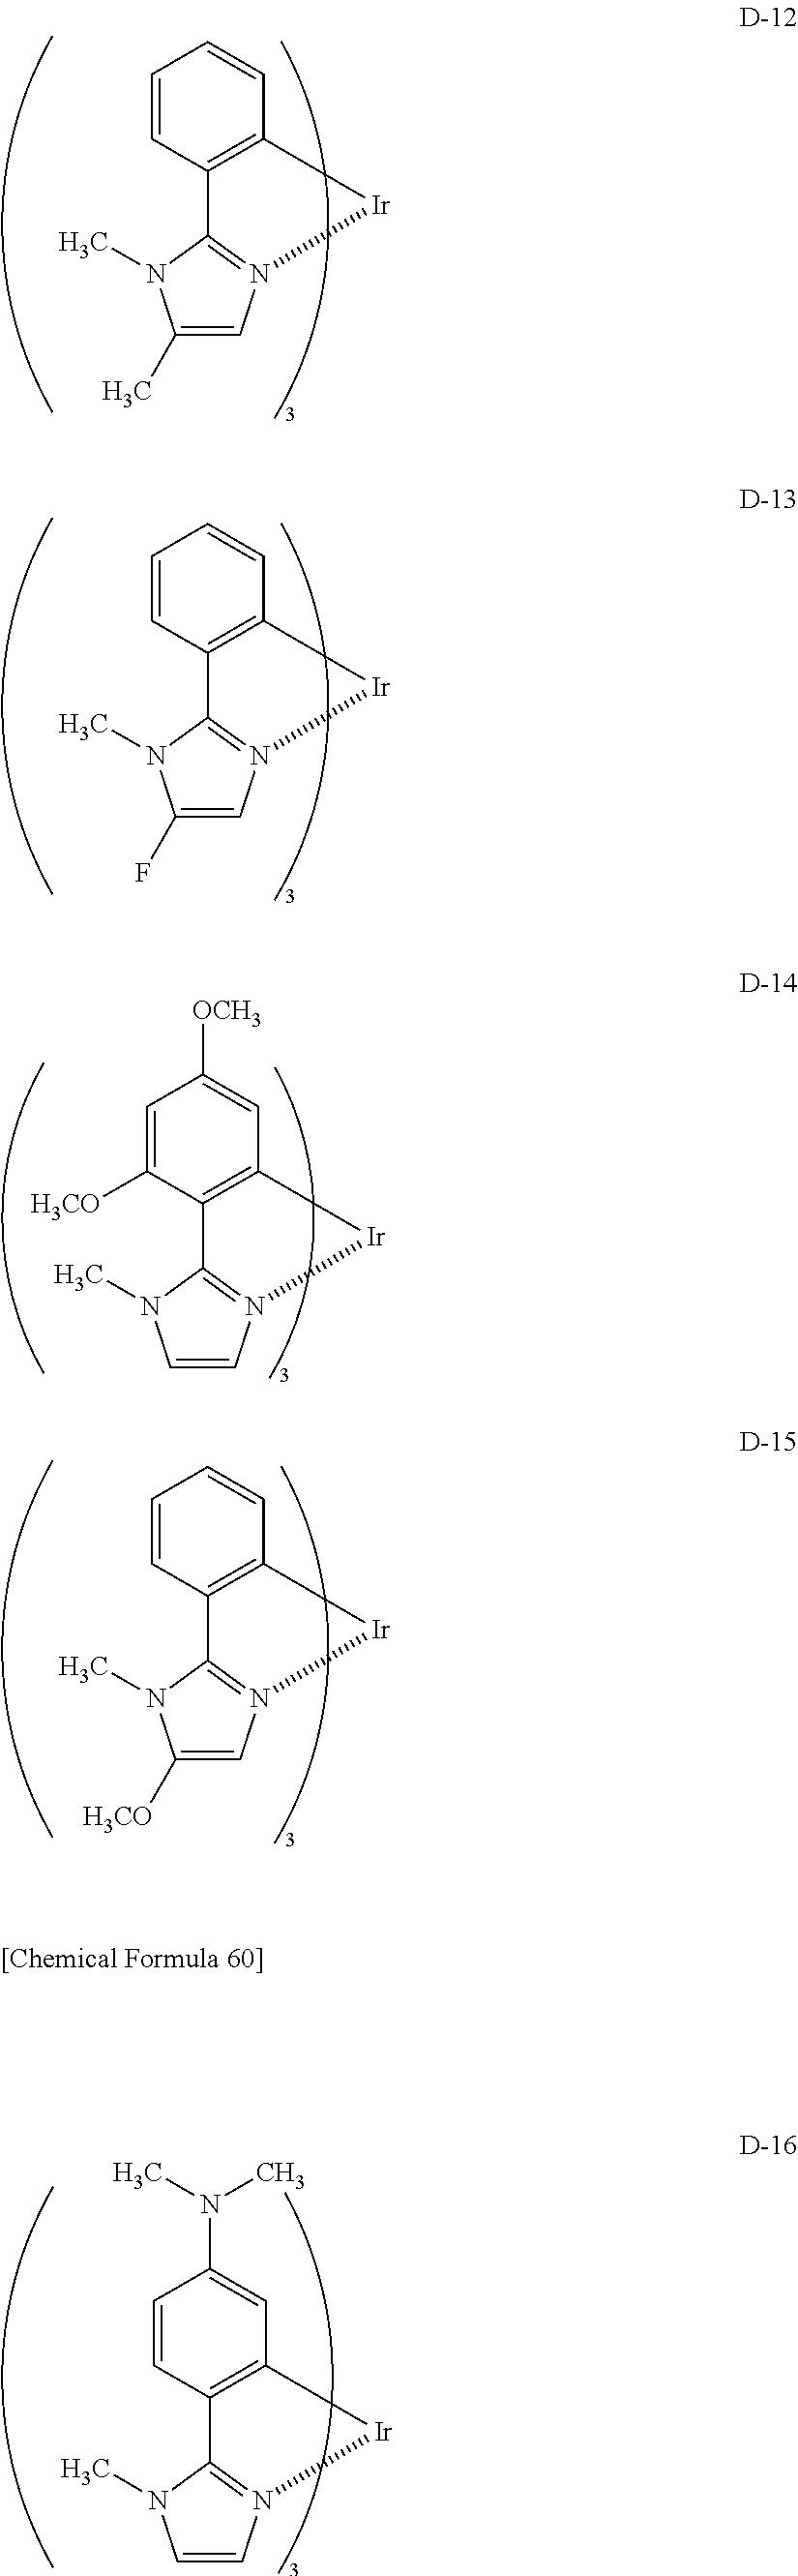 Figure US09935269-20180403-C00067